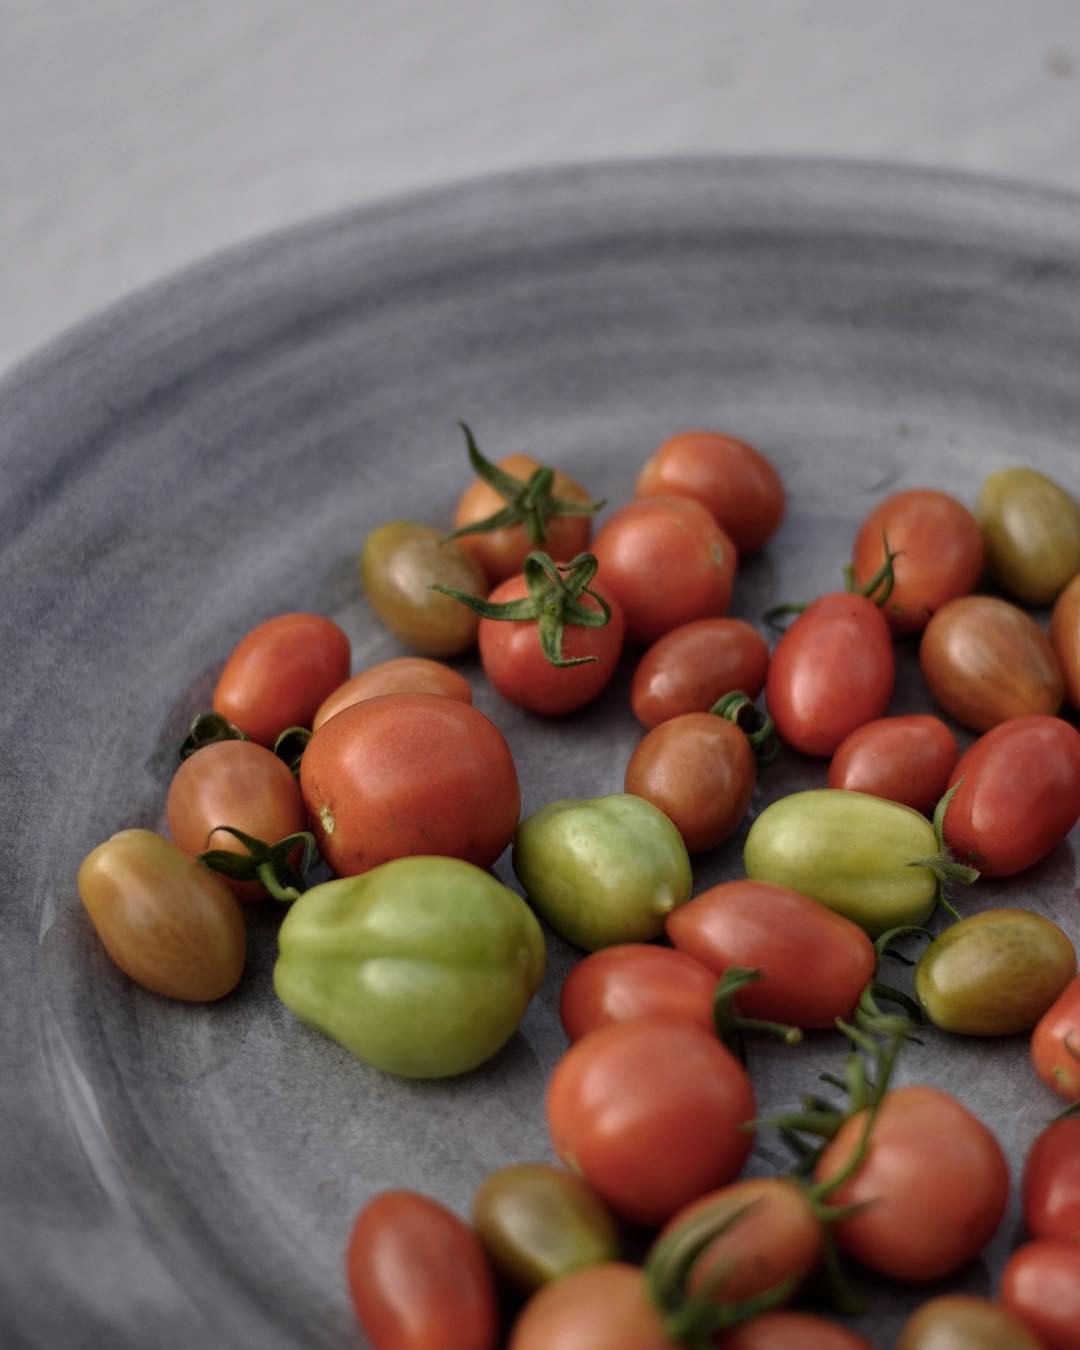 Skrdar fortfarande massor av tomater! greenhouse